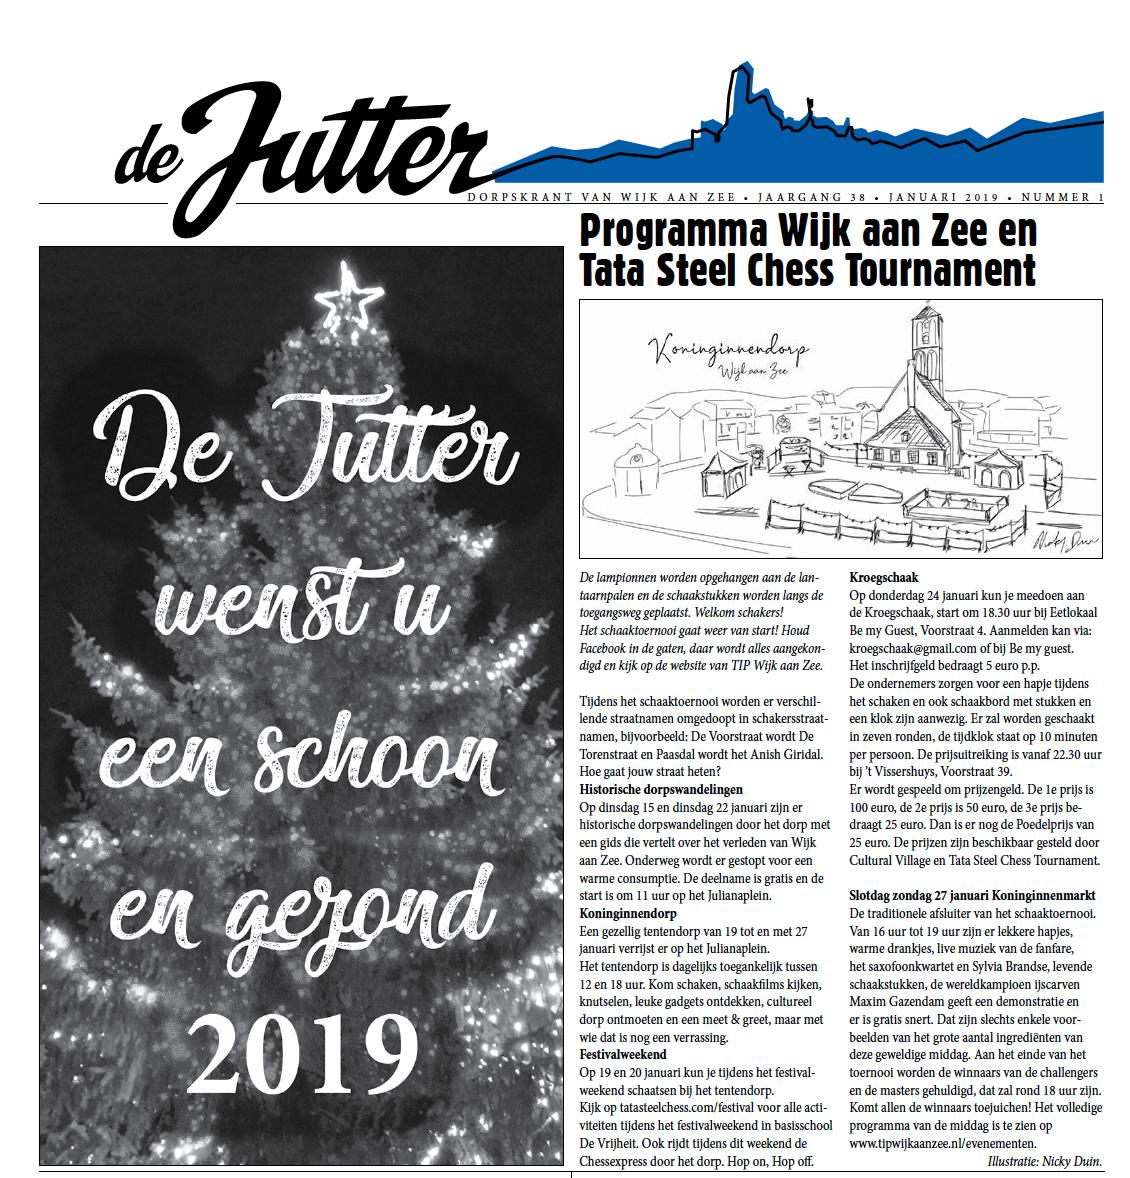 Jutter-illustratie-Koninginnenmarkt-2019-nikitis